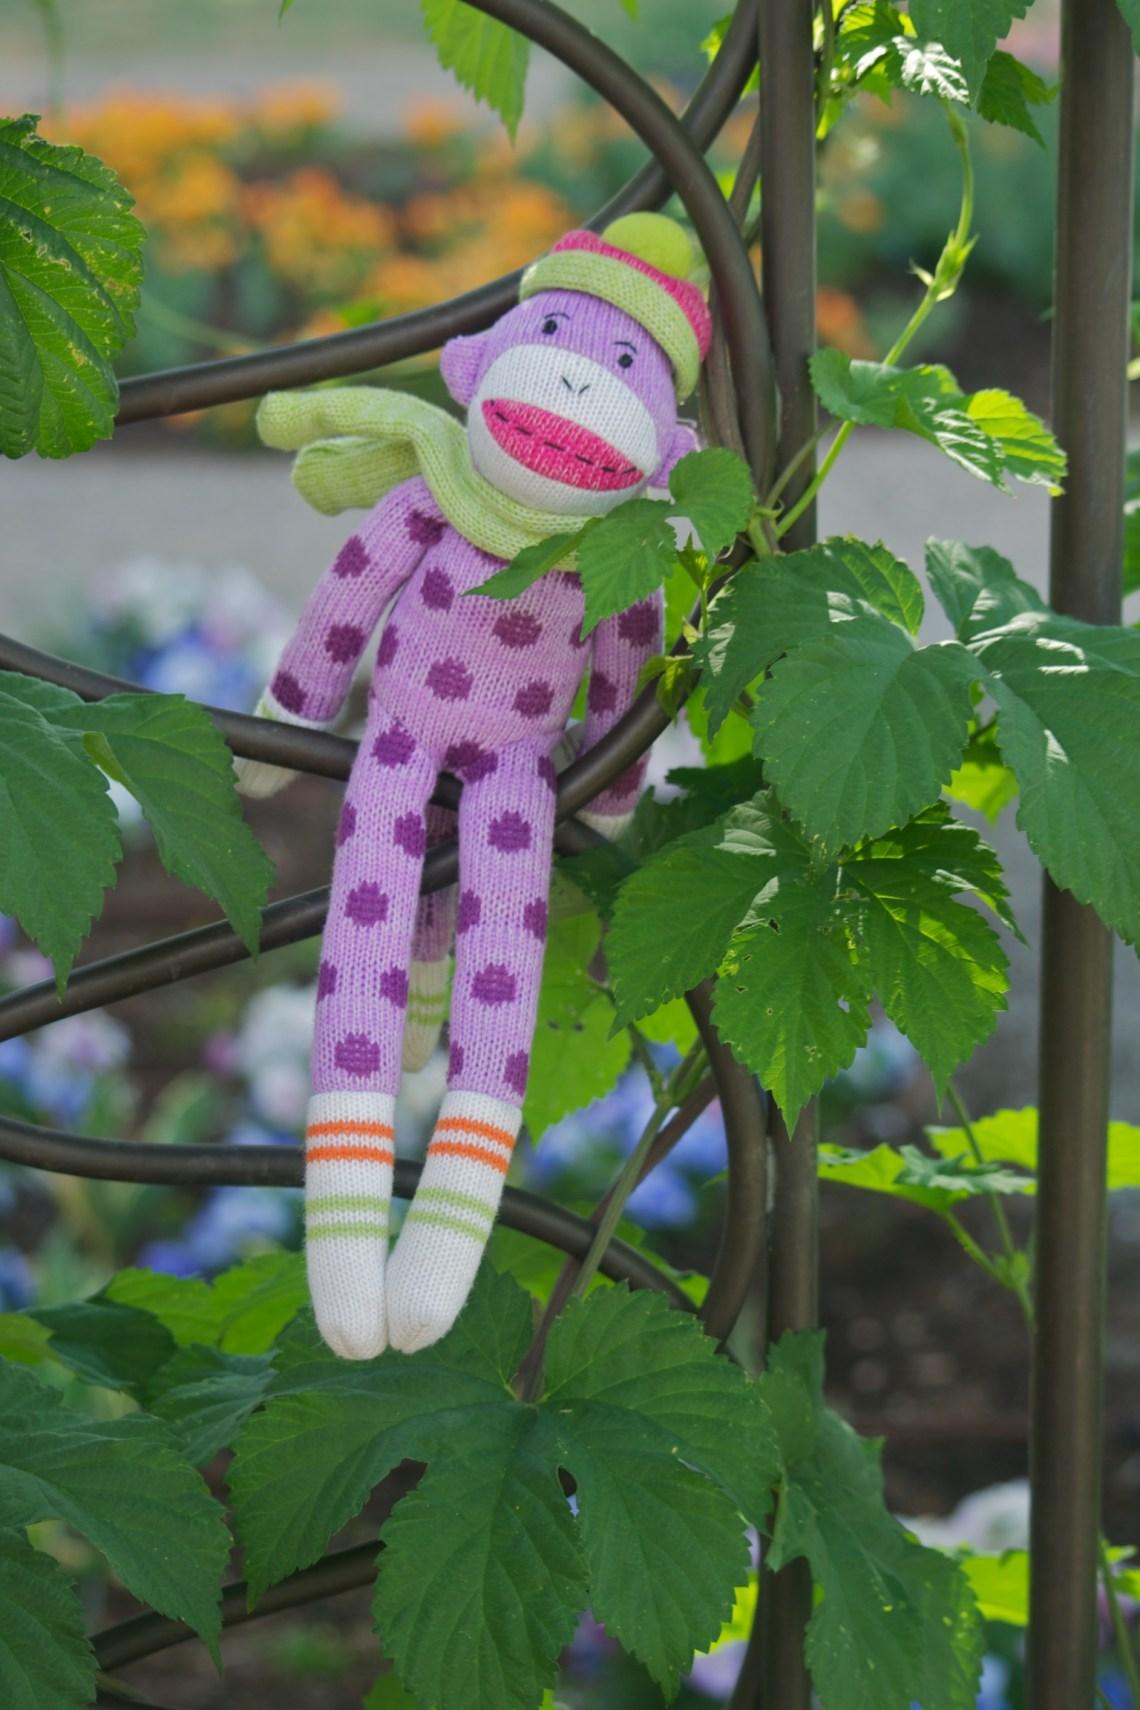 Sock Monkey Climbs a Vine